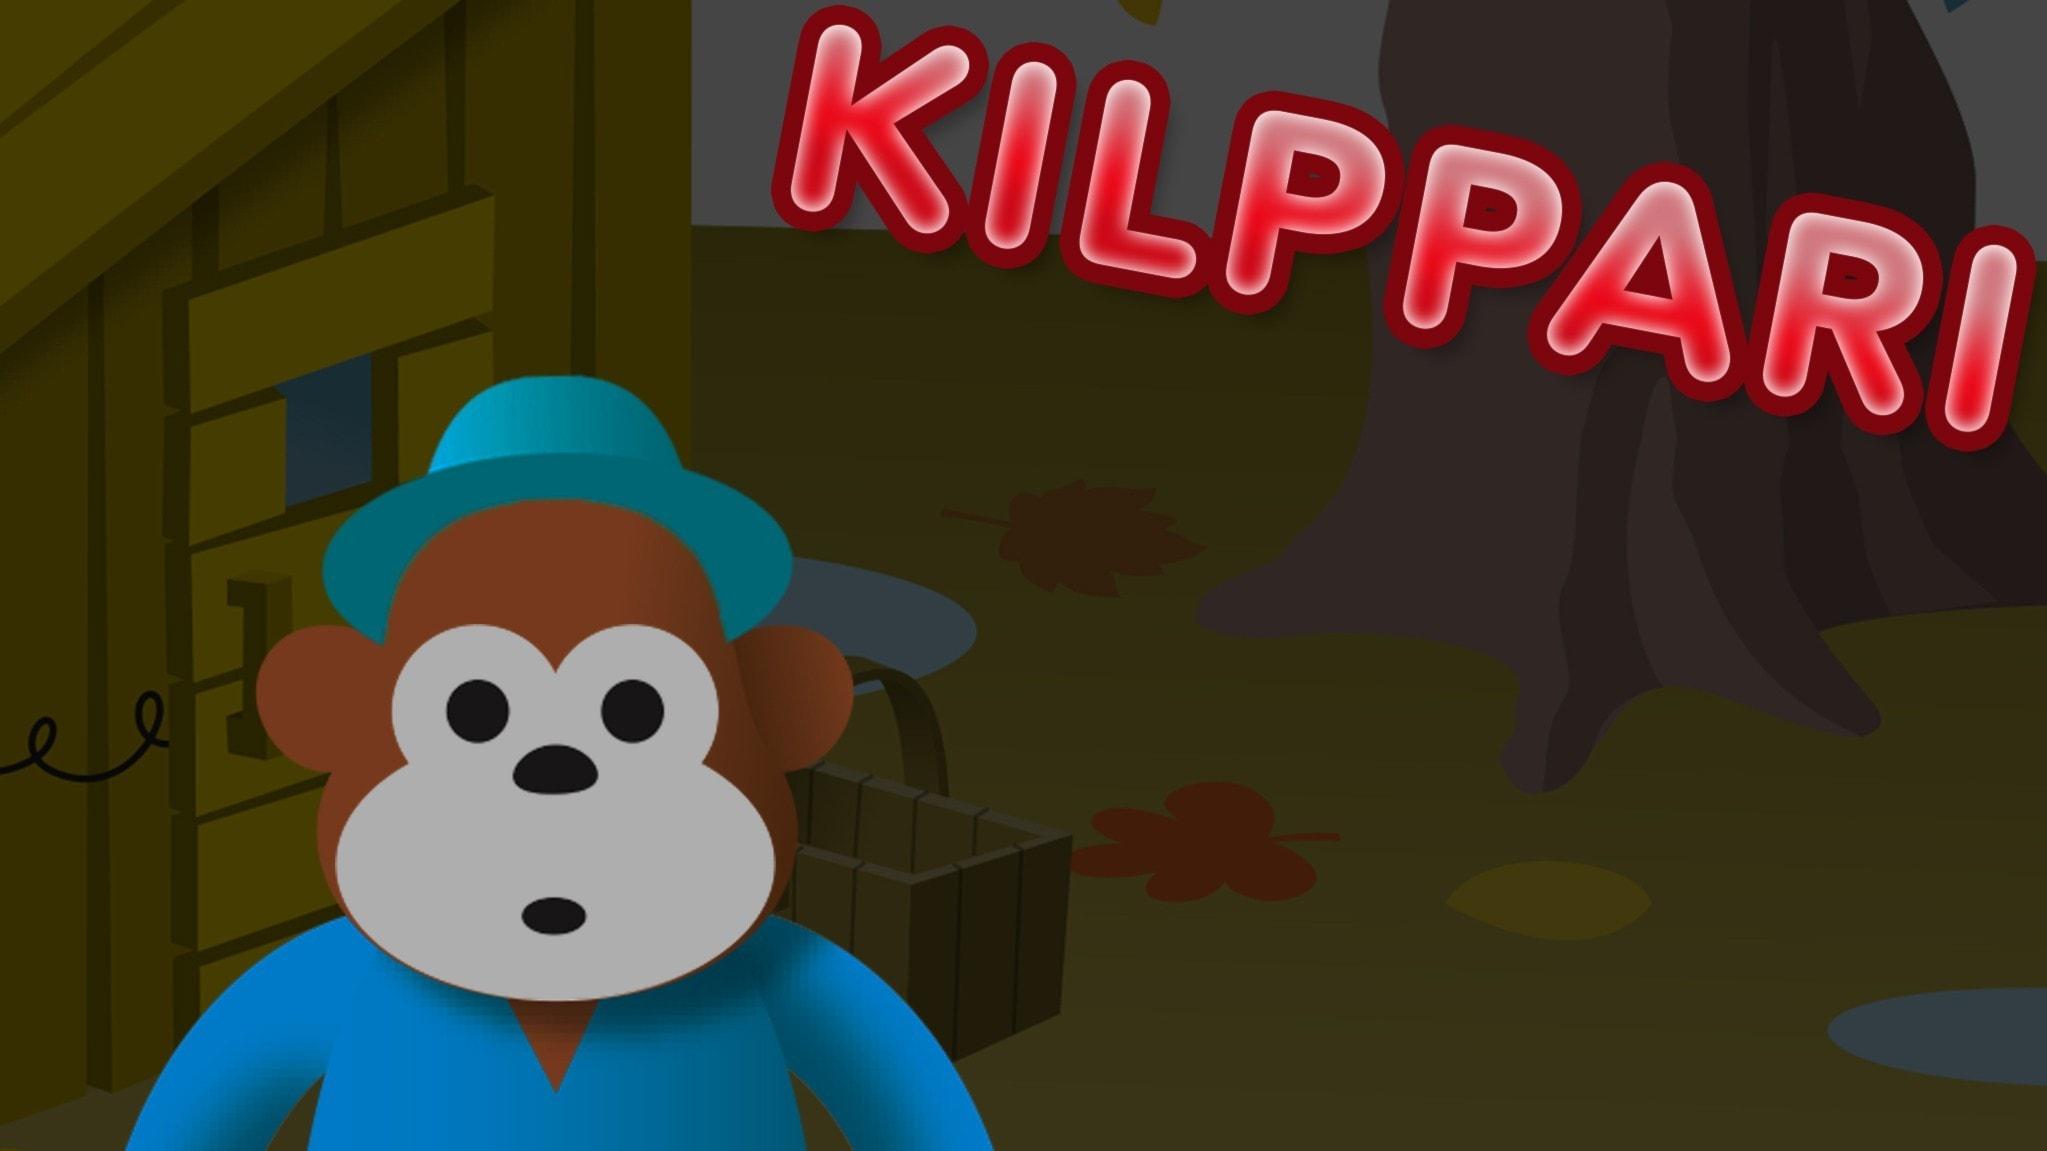 Kilpparin syysjännäri, osa 2/6: Mihin Gorilja kompastui?